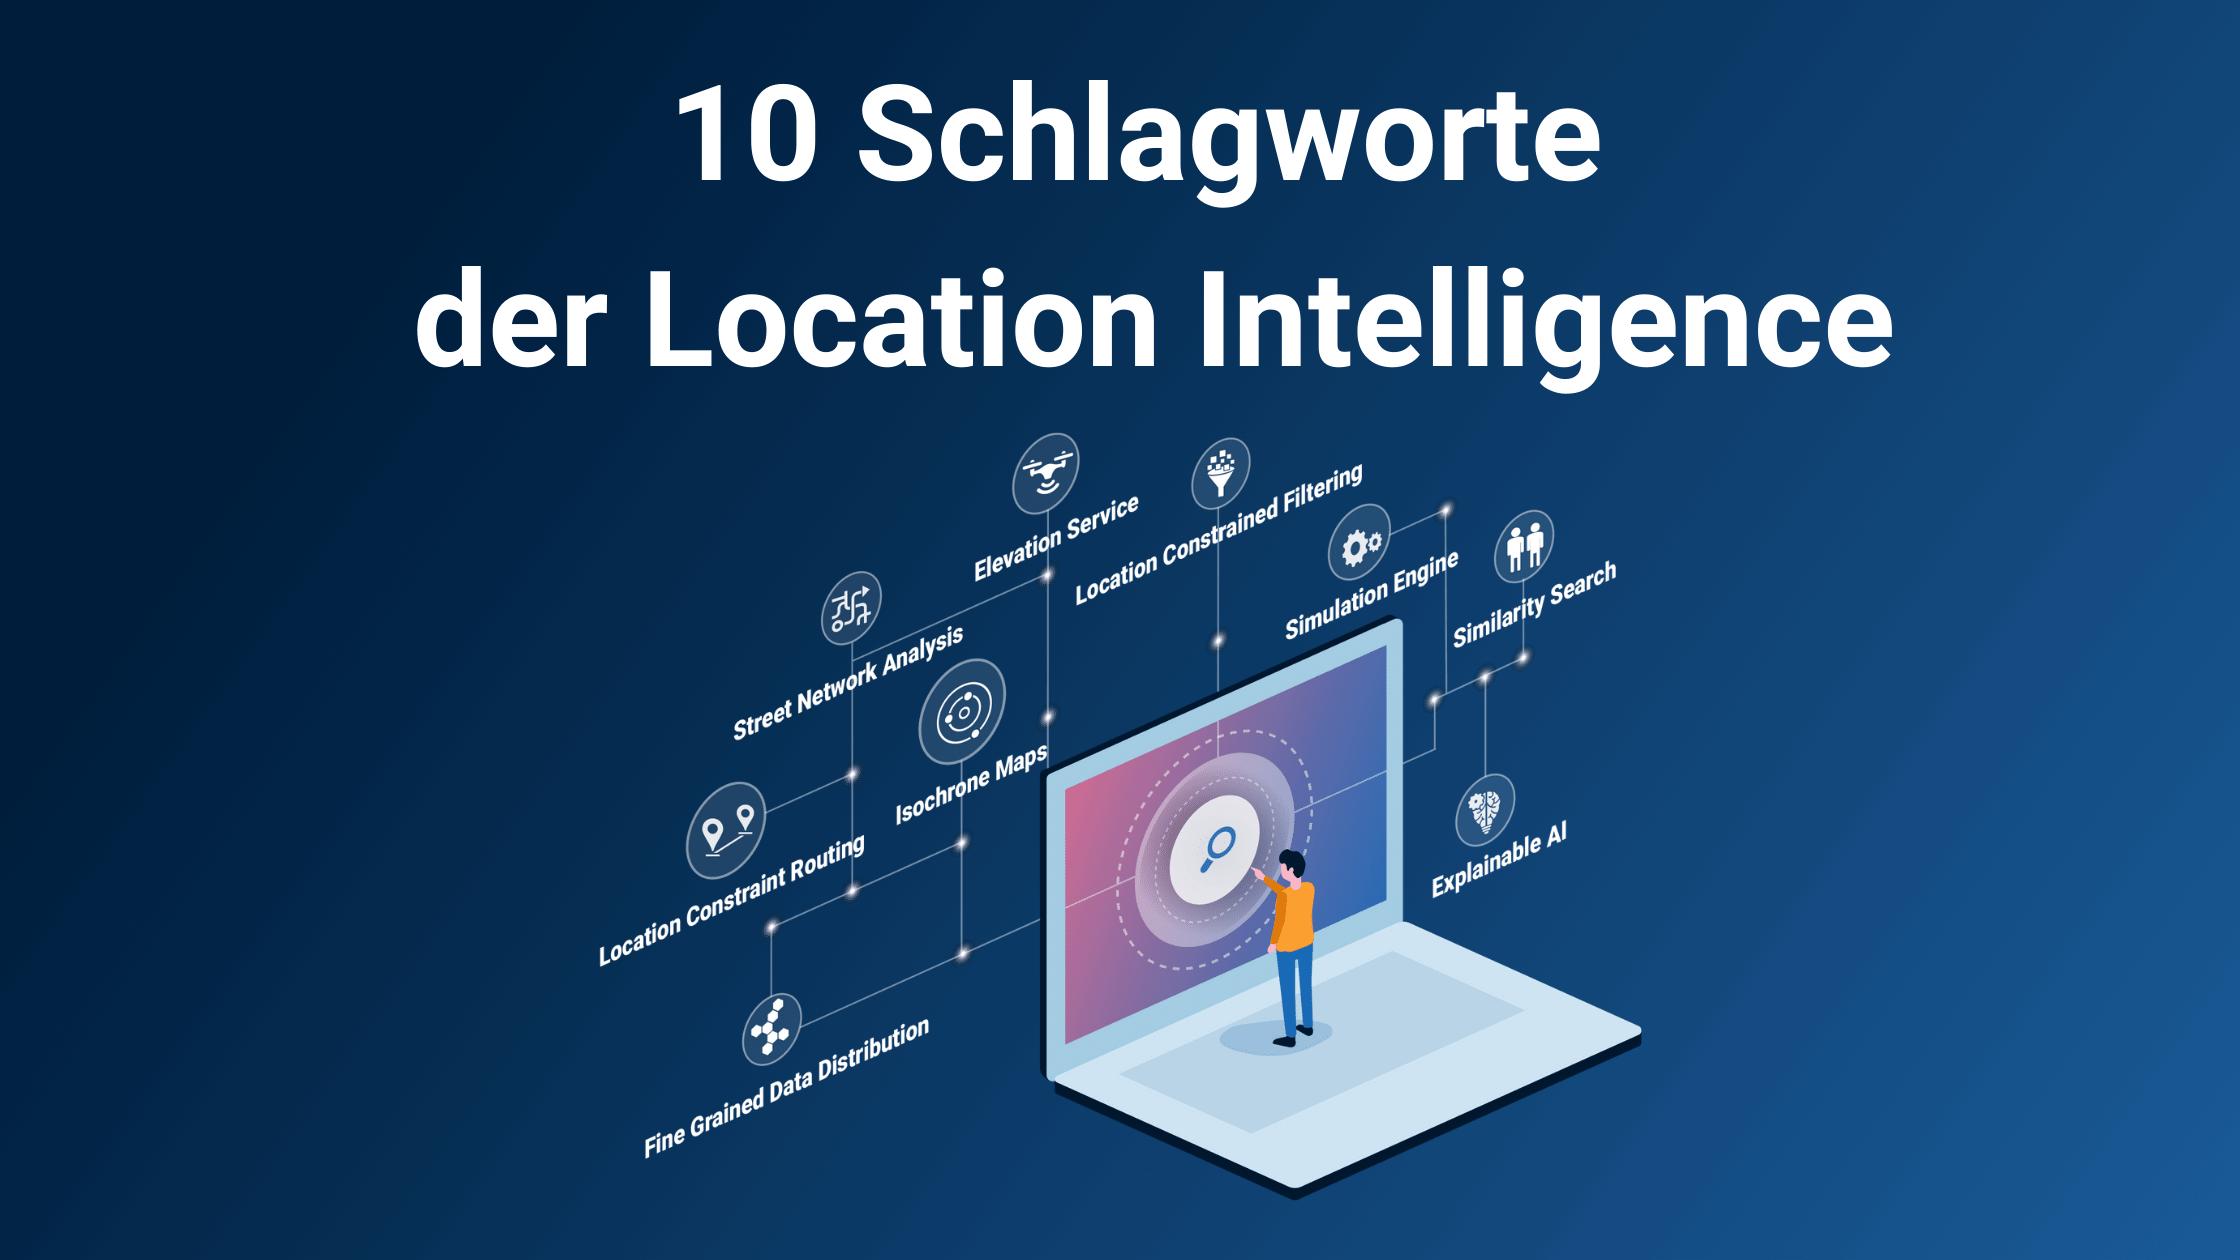 10 Schlagworte der Location Intelligence